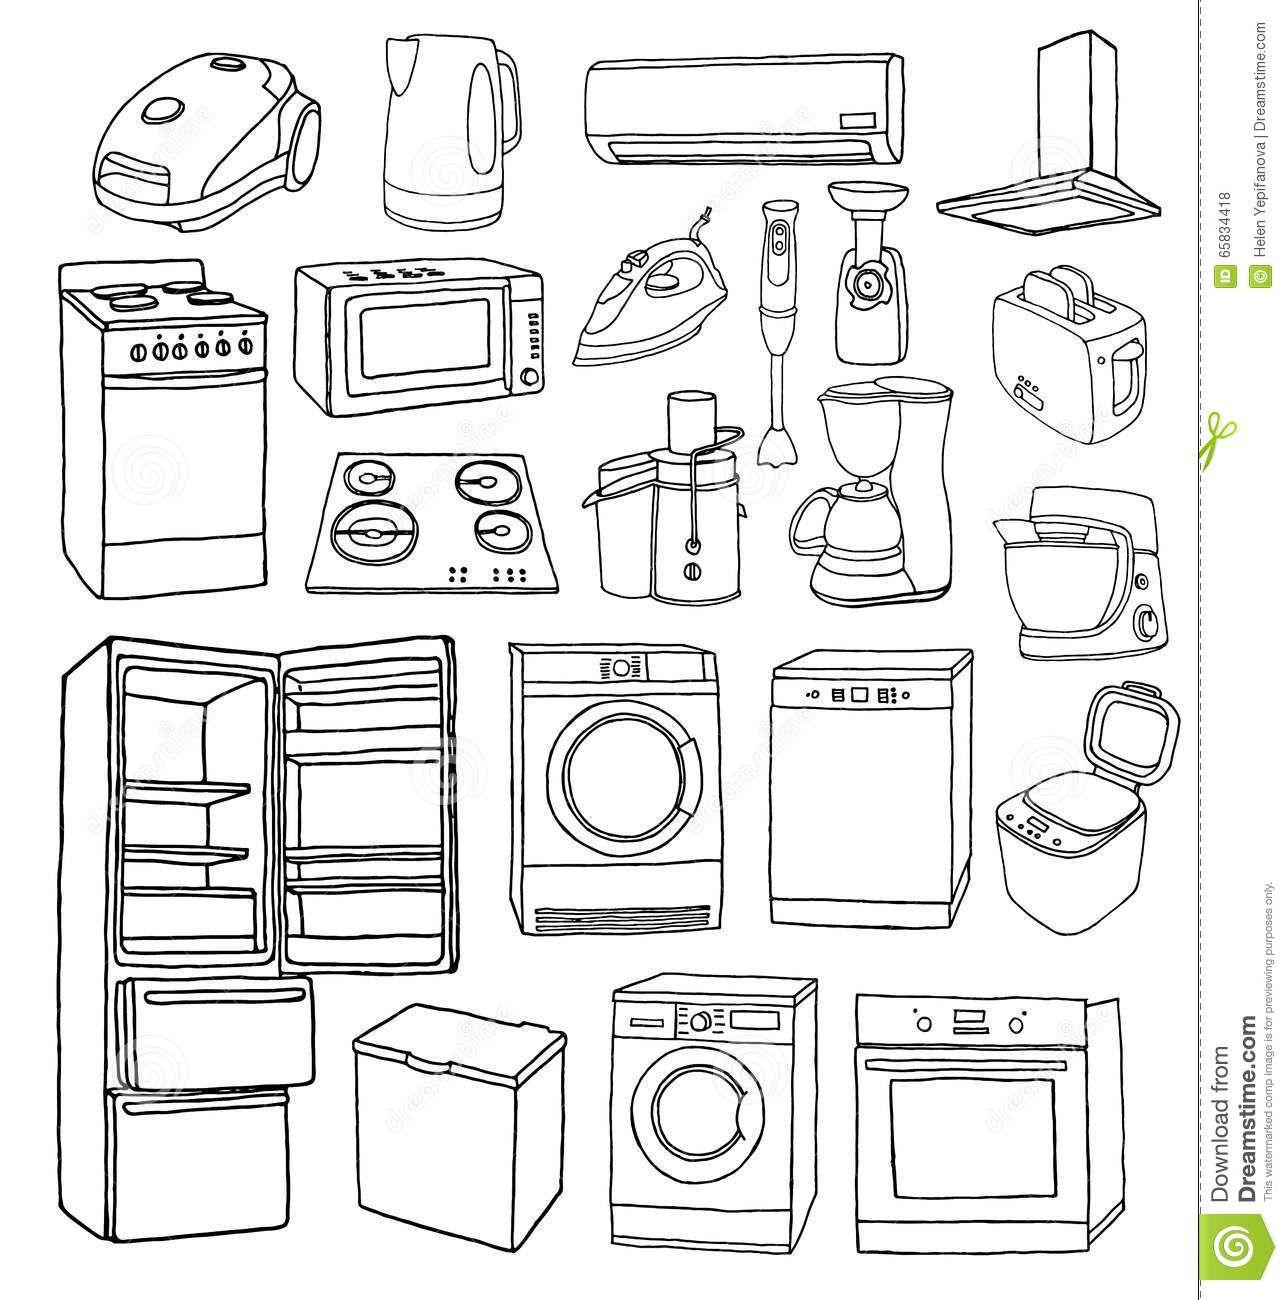 Afbeeldingsresultaat voor Home appliance and furniture